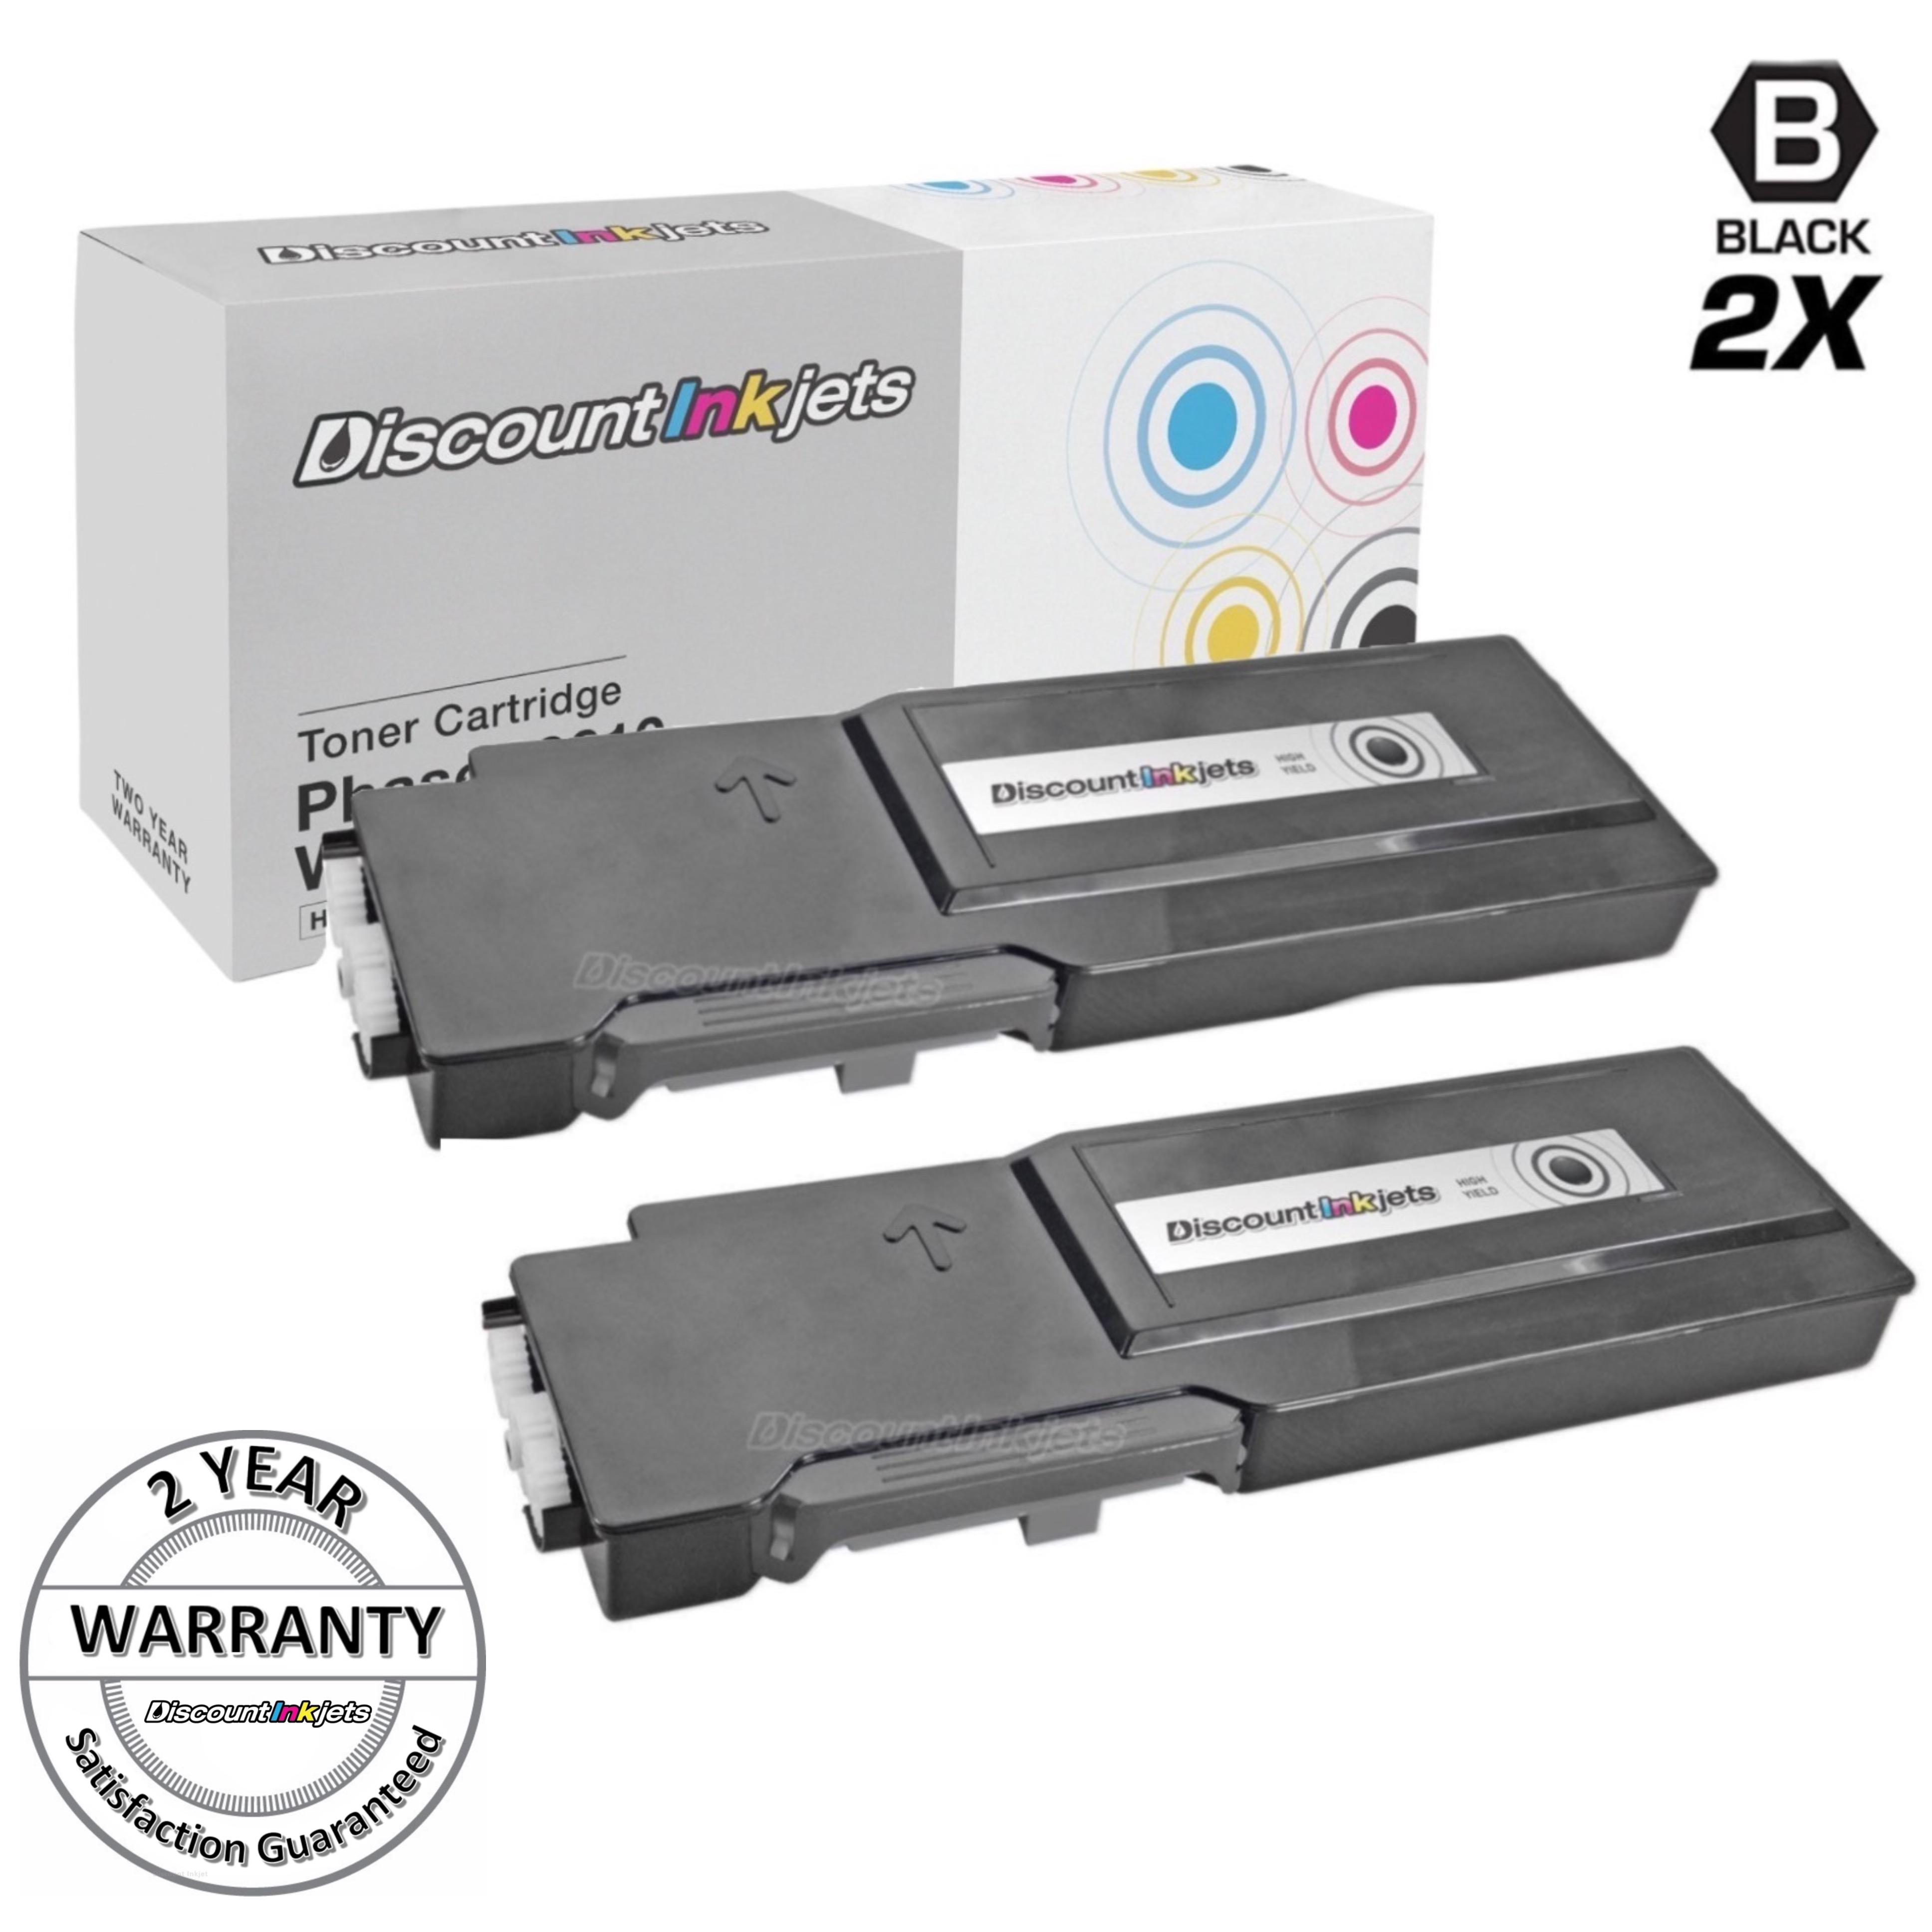 106R02228 for Xerox Phaser 6600 Black Printer Laser Toner Cartridge 6600dn